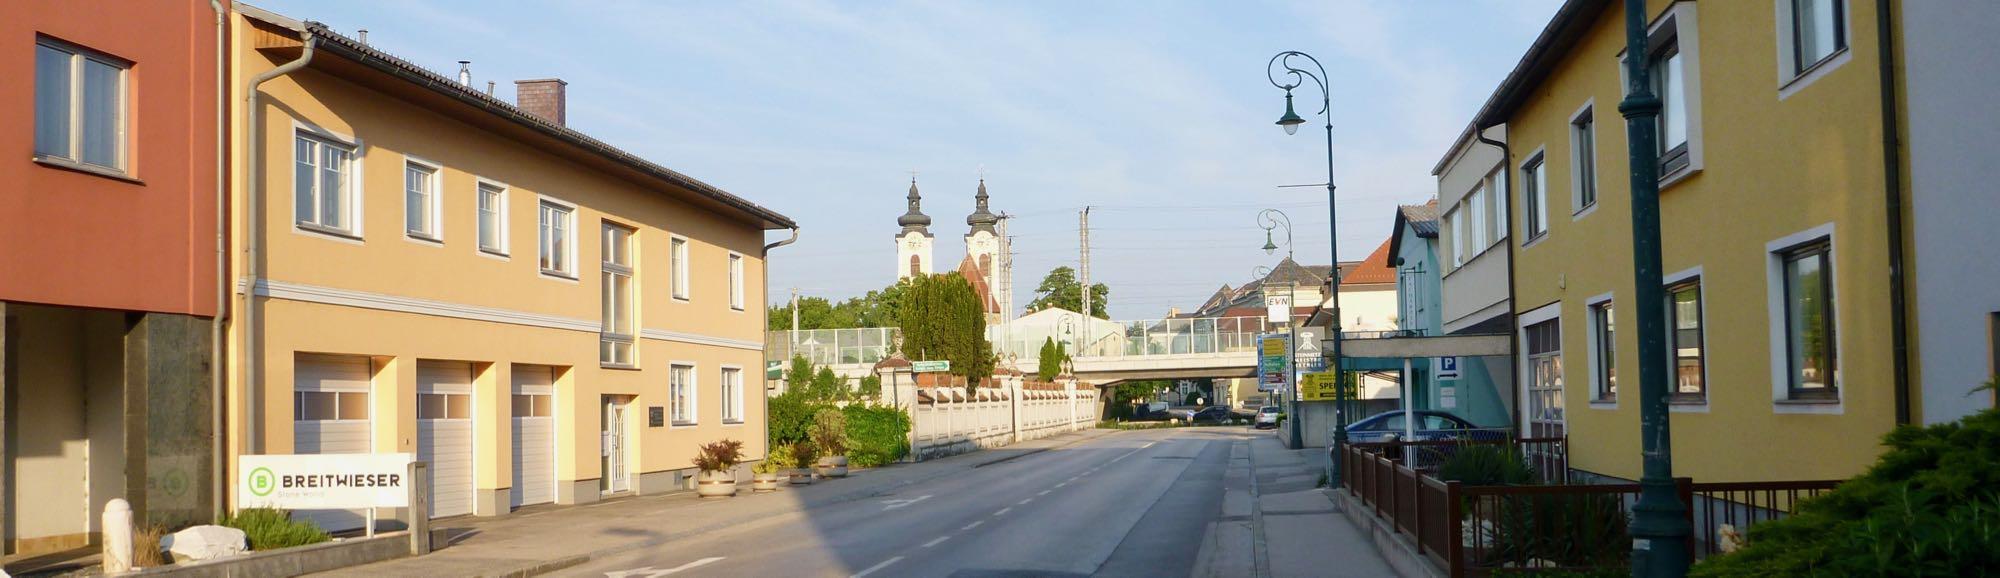 Der Morgenspaziergang führt in die Stadt. Von Weitem sieht man die zweitürmige Kirche